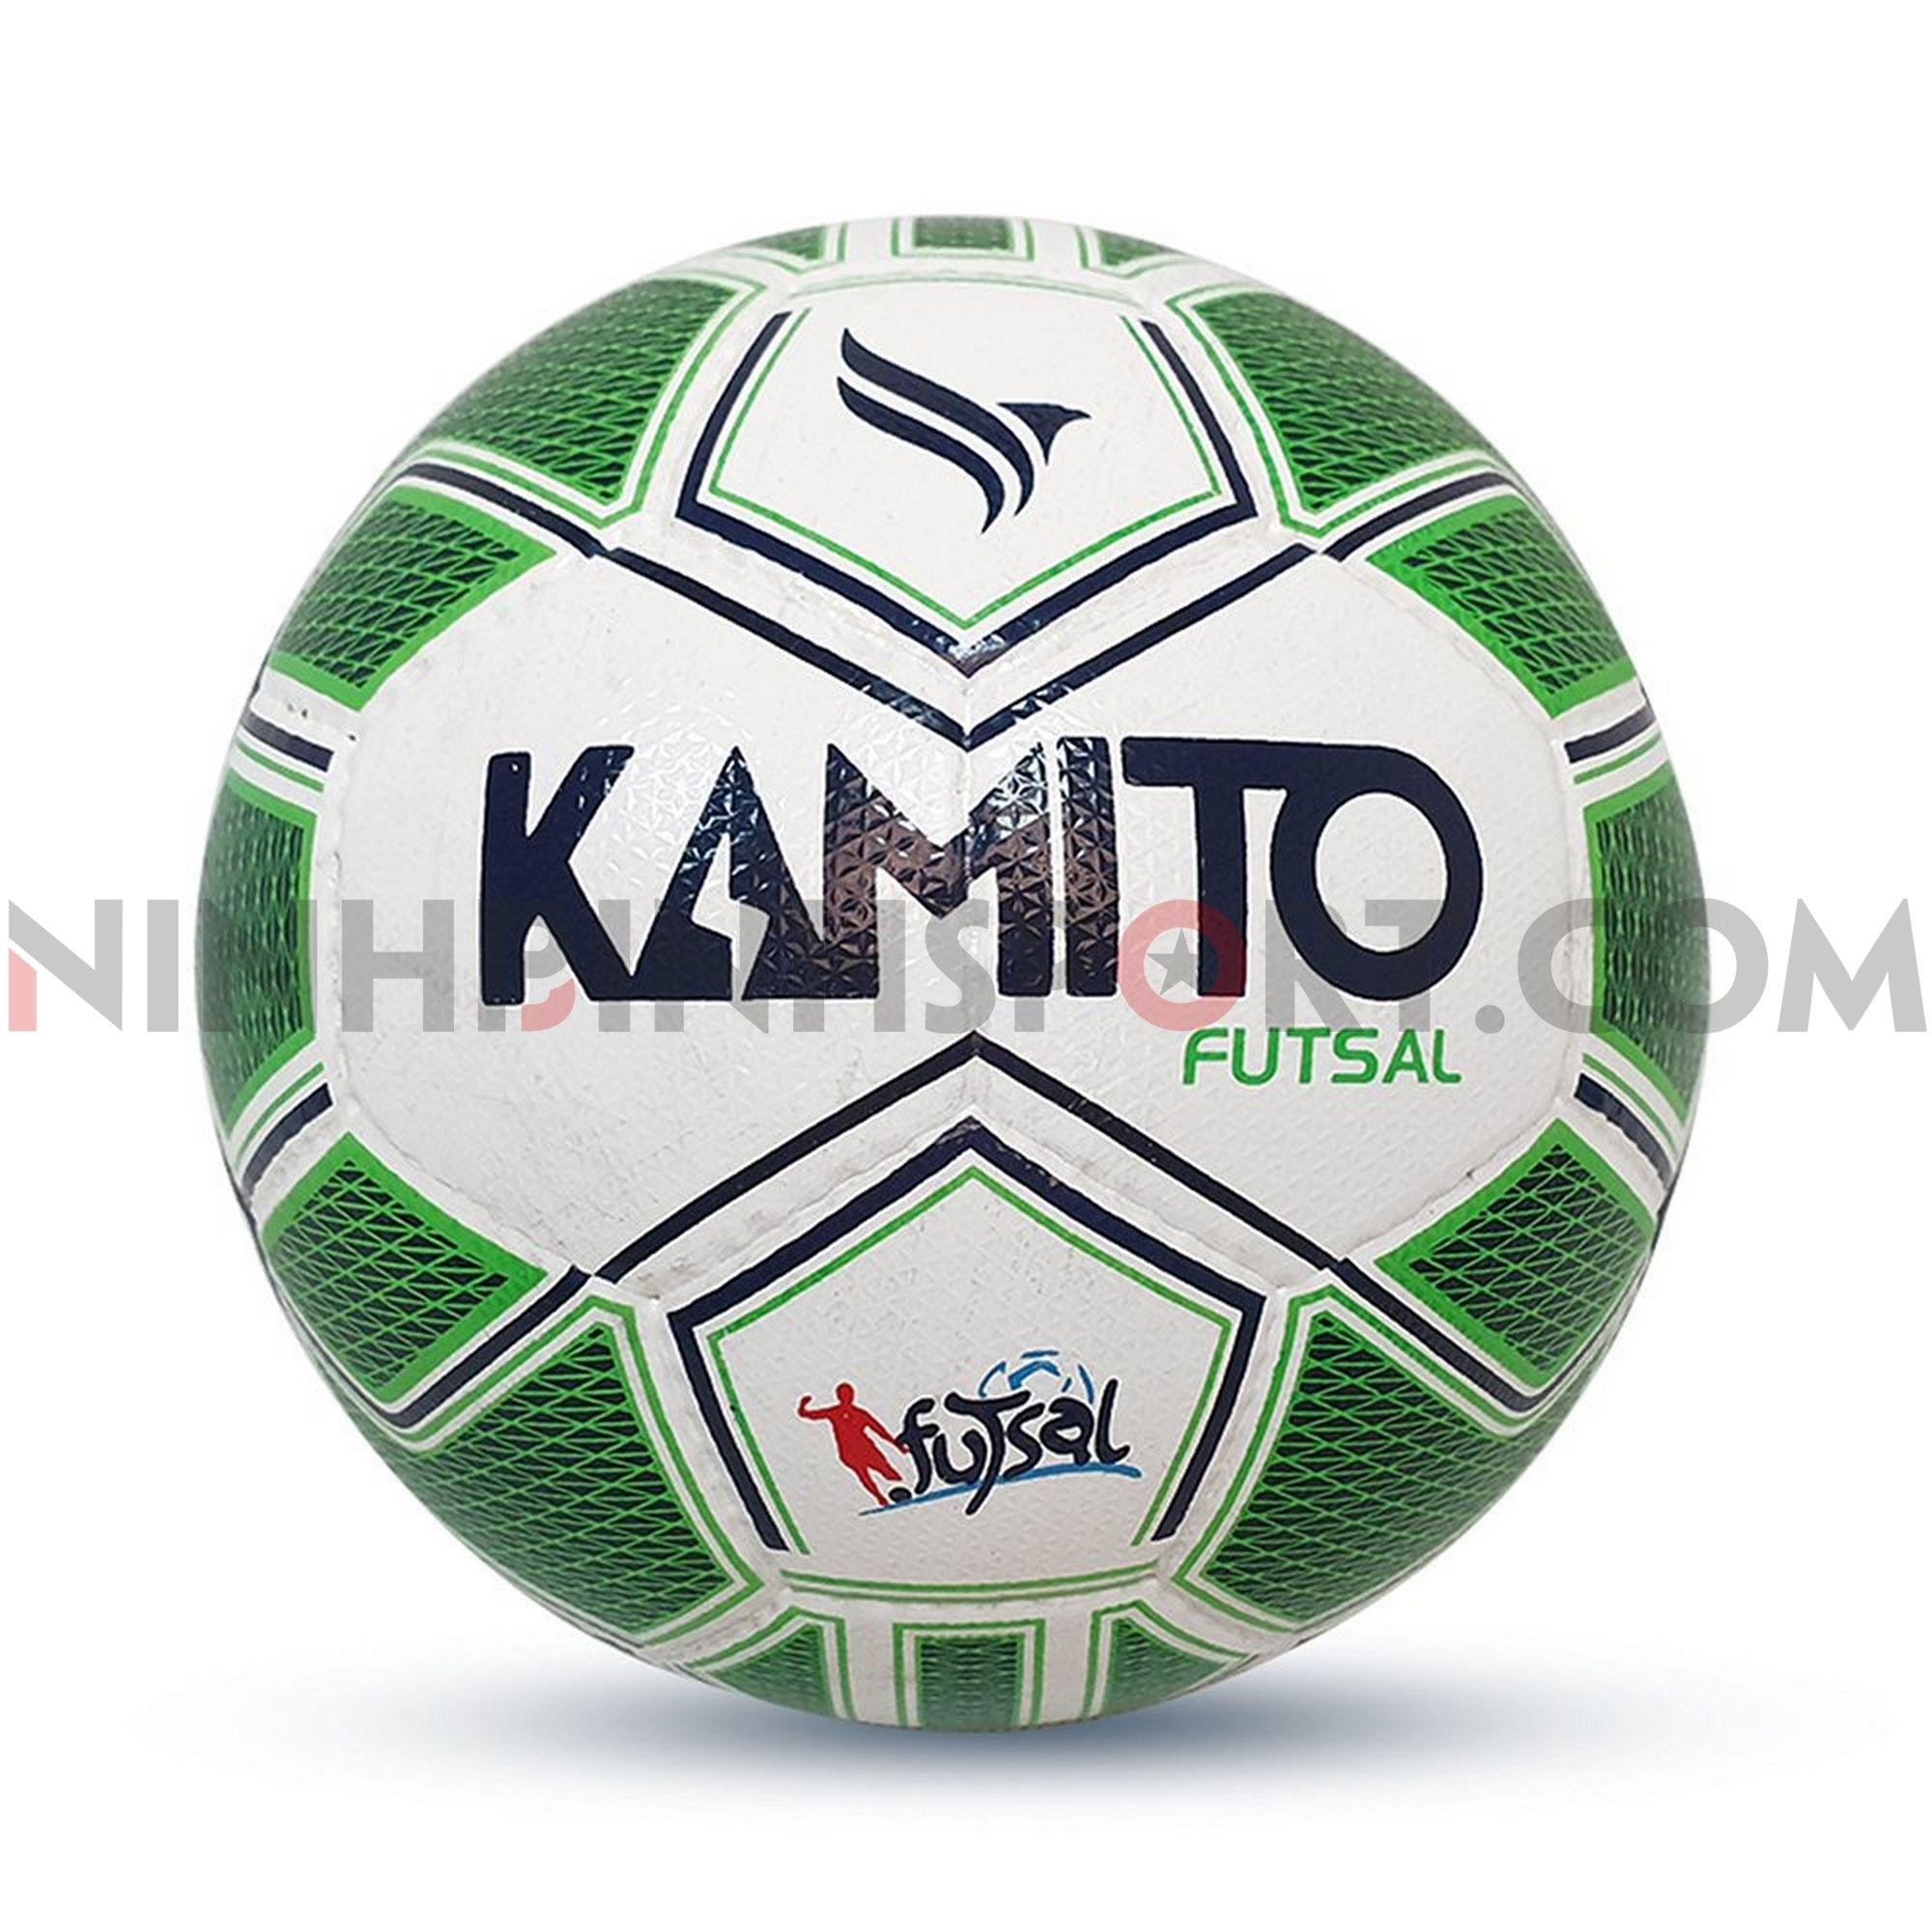 Quả bóng đá Kamito Futsal FS19101